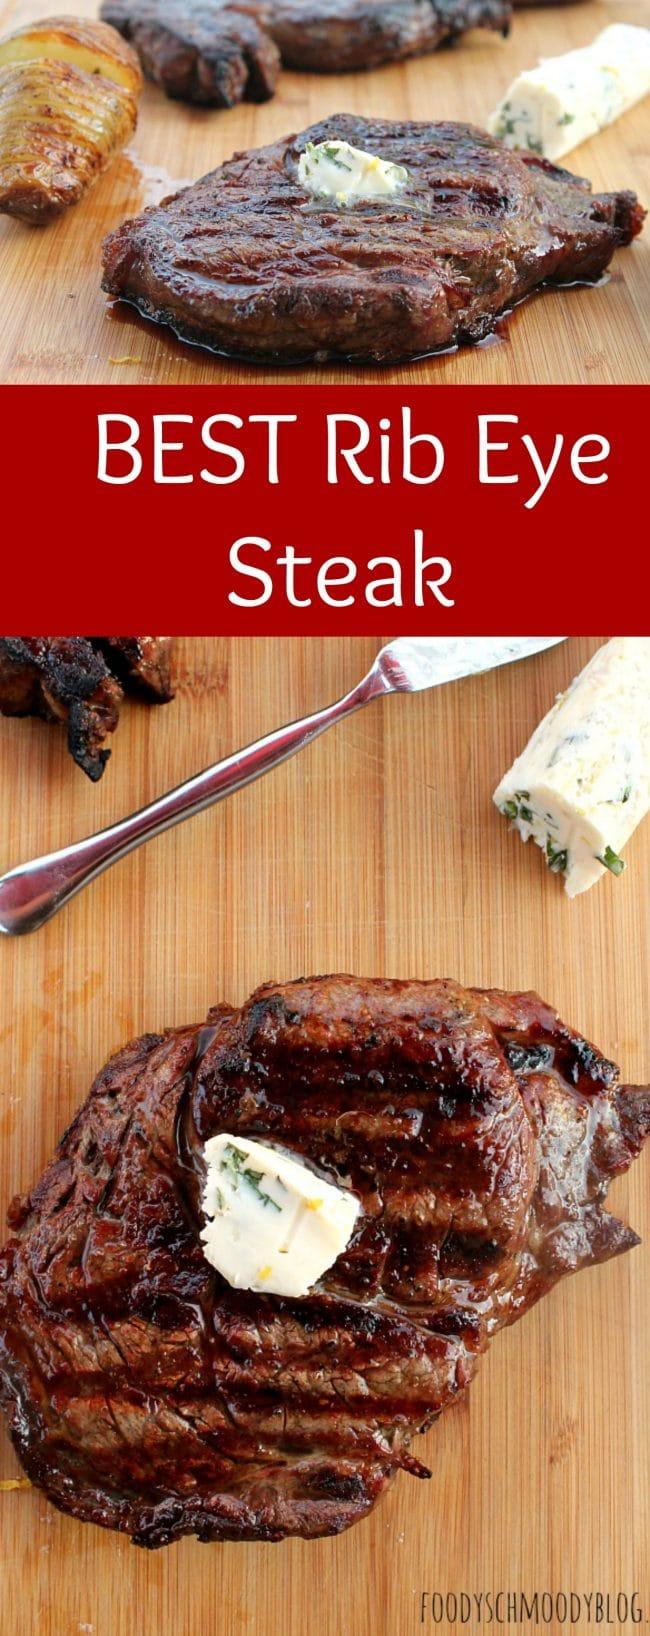 My Best Rib Eye Steak Recipe - Foody Schmoody Blog | Foody Schmoody Blog